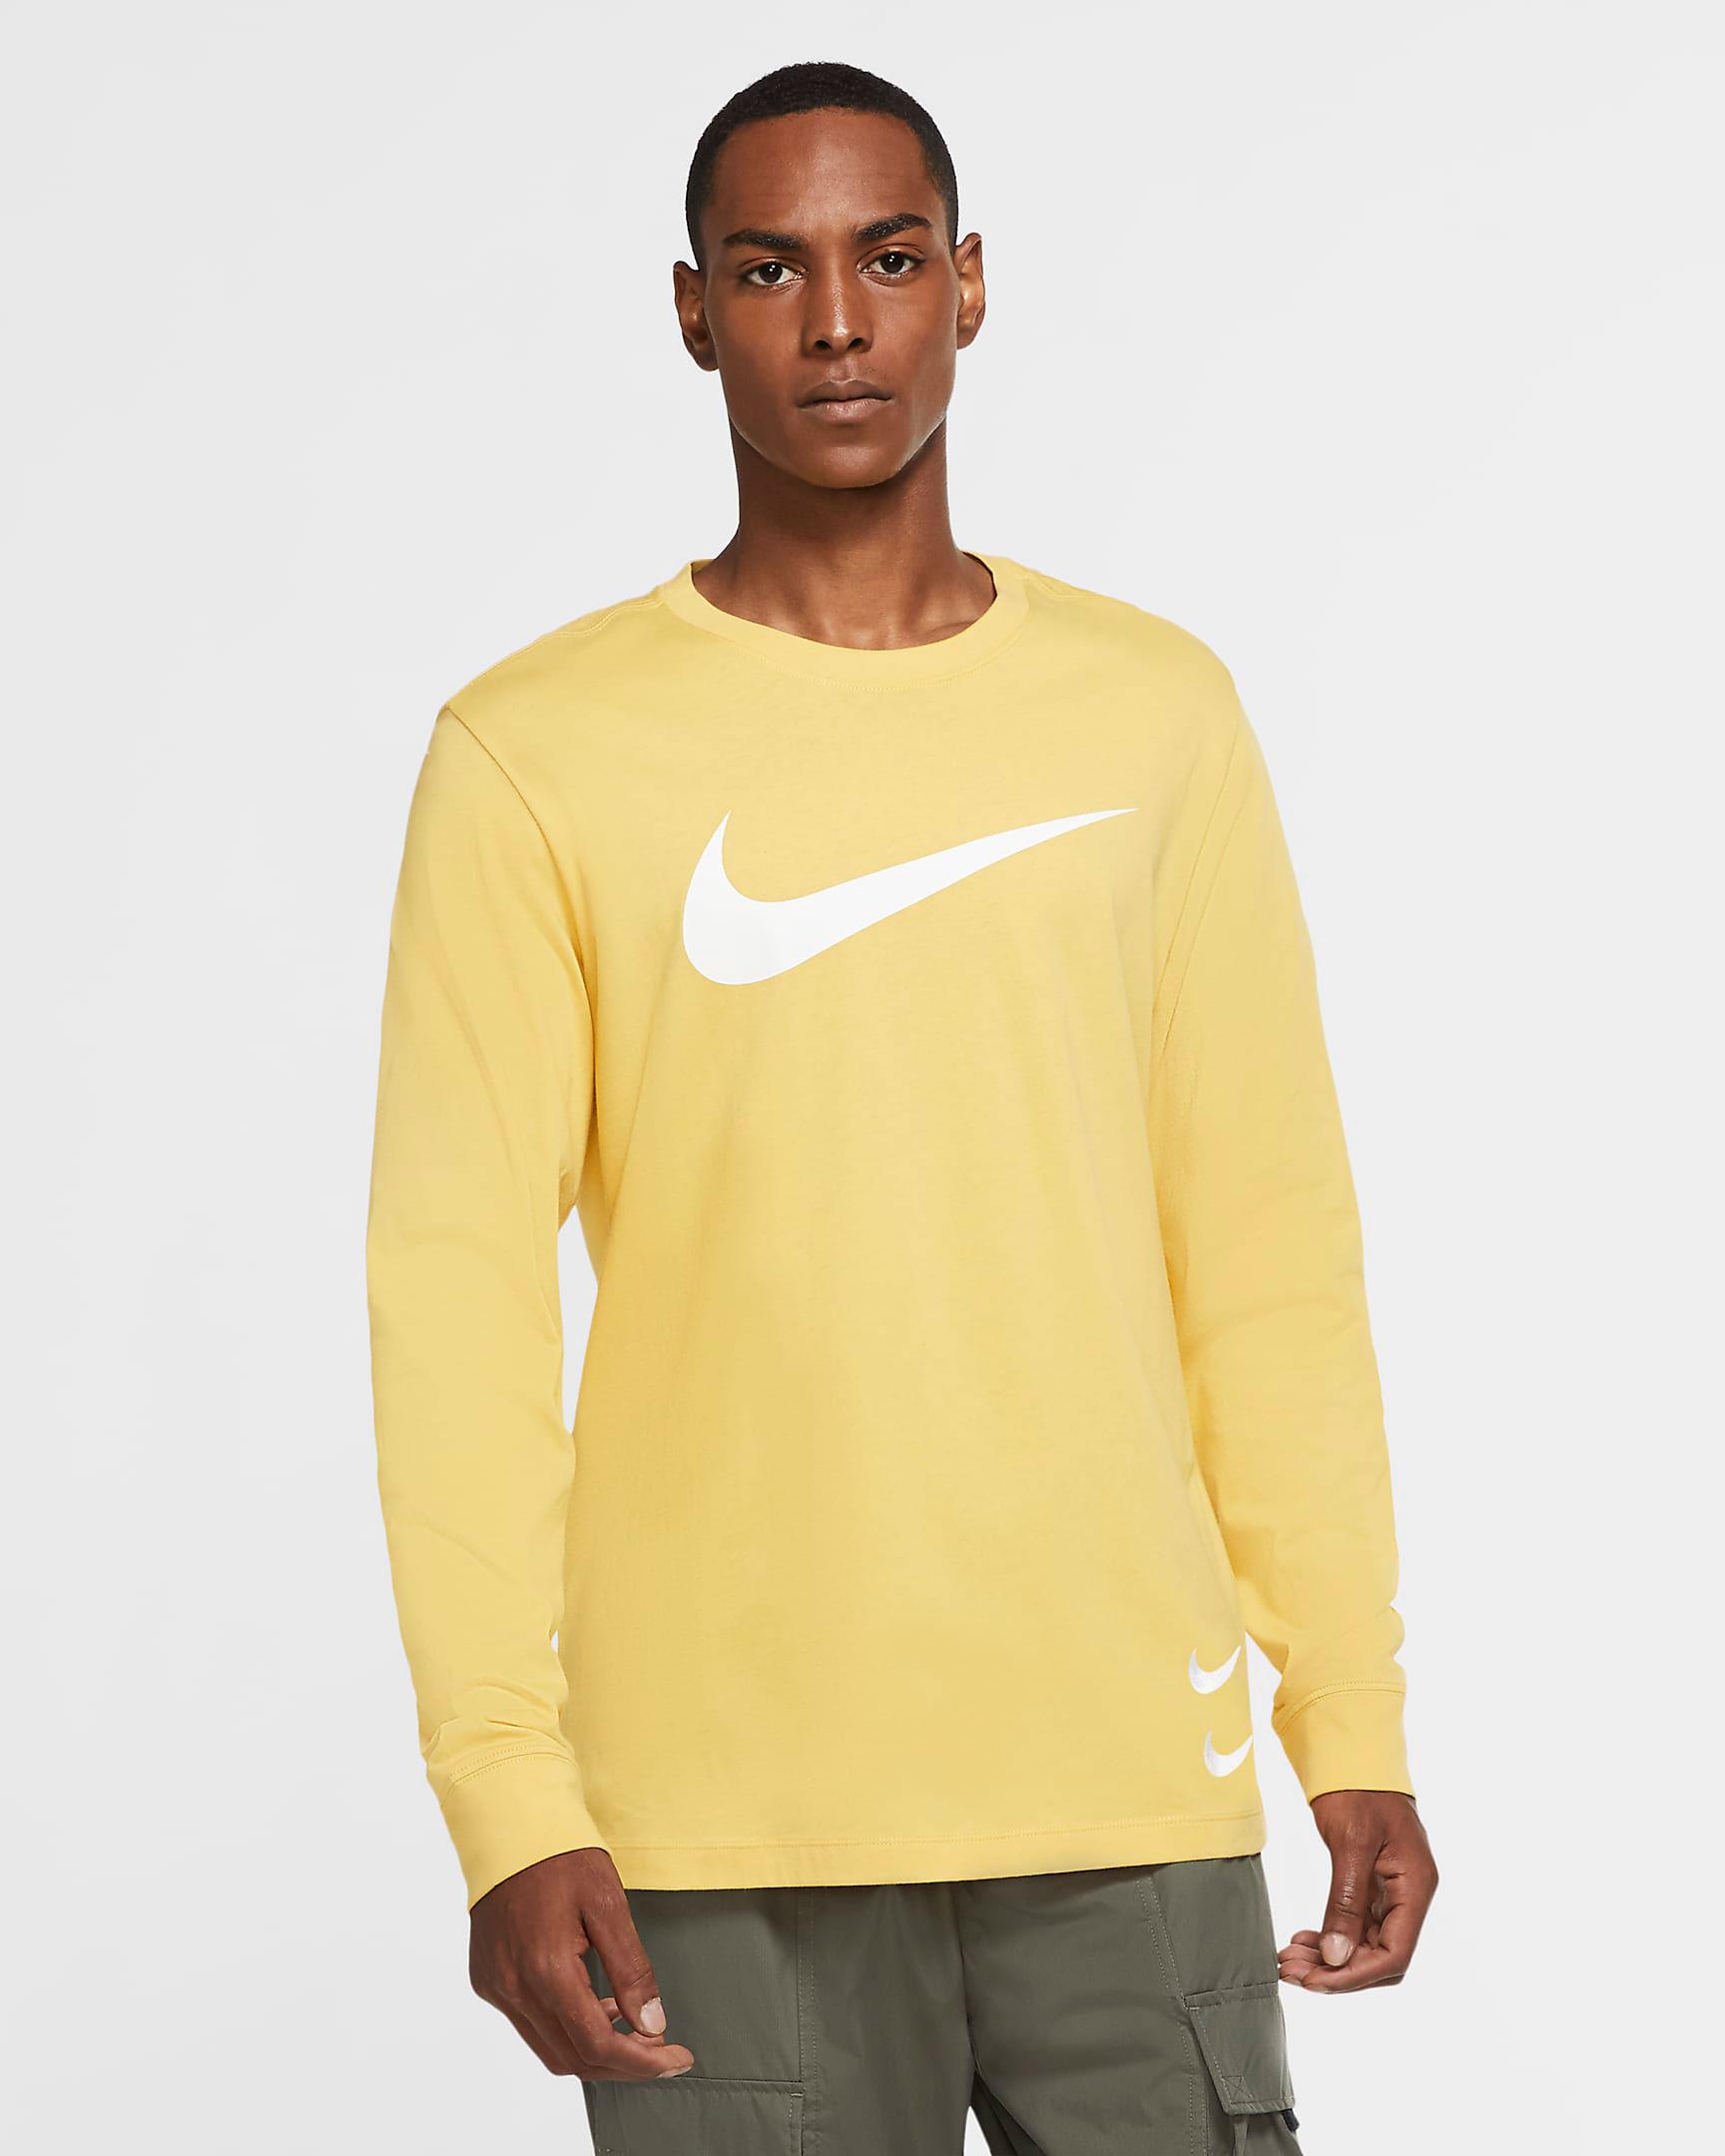 nike-air-max-1-lemonade-yellow-long-sleeve-shirt